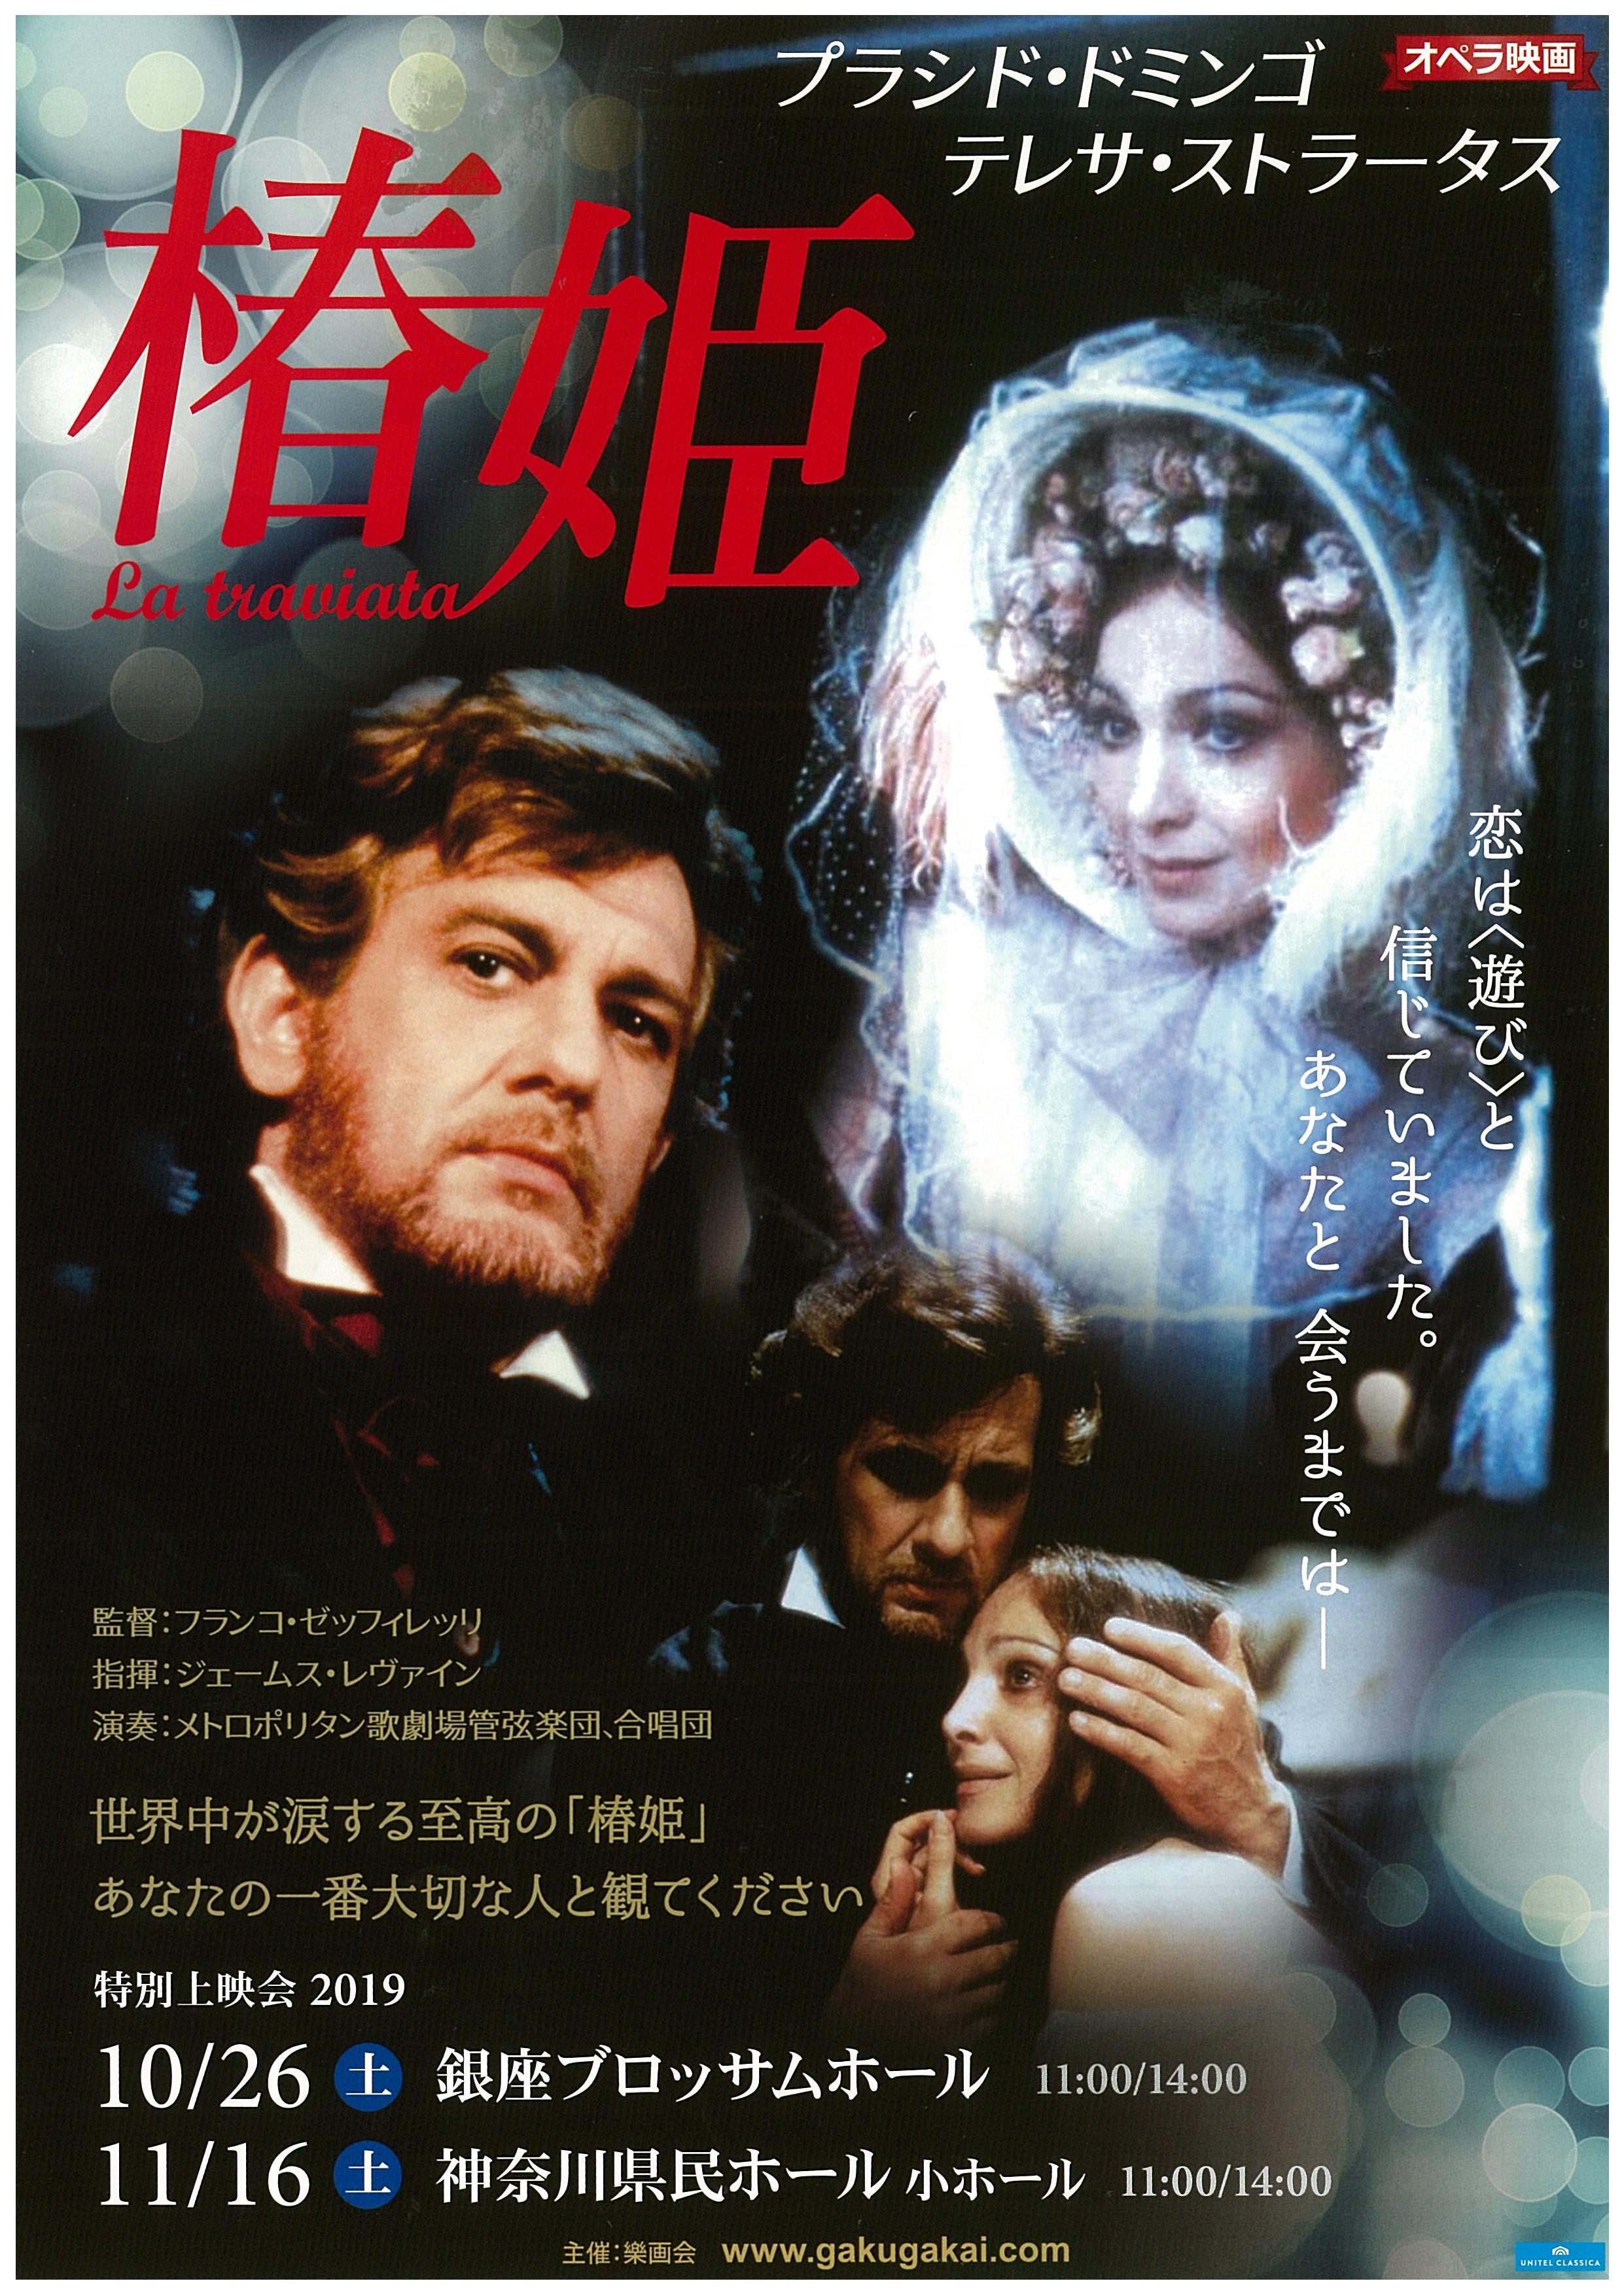 オペラ映画 「椿姫」 特別上映会